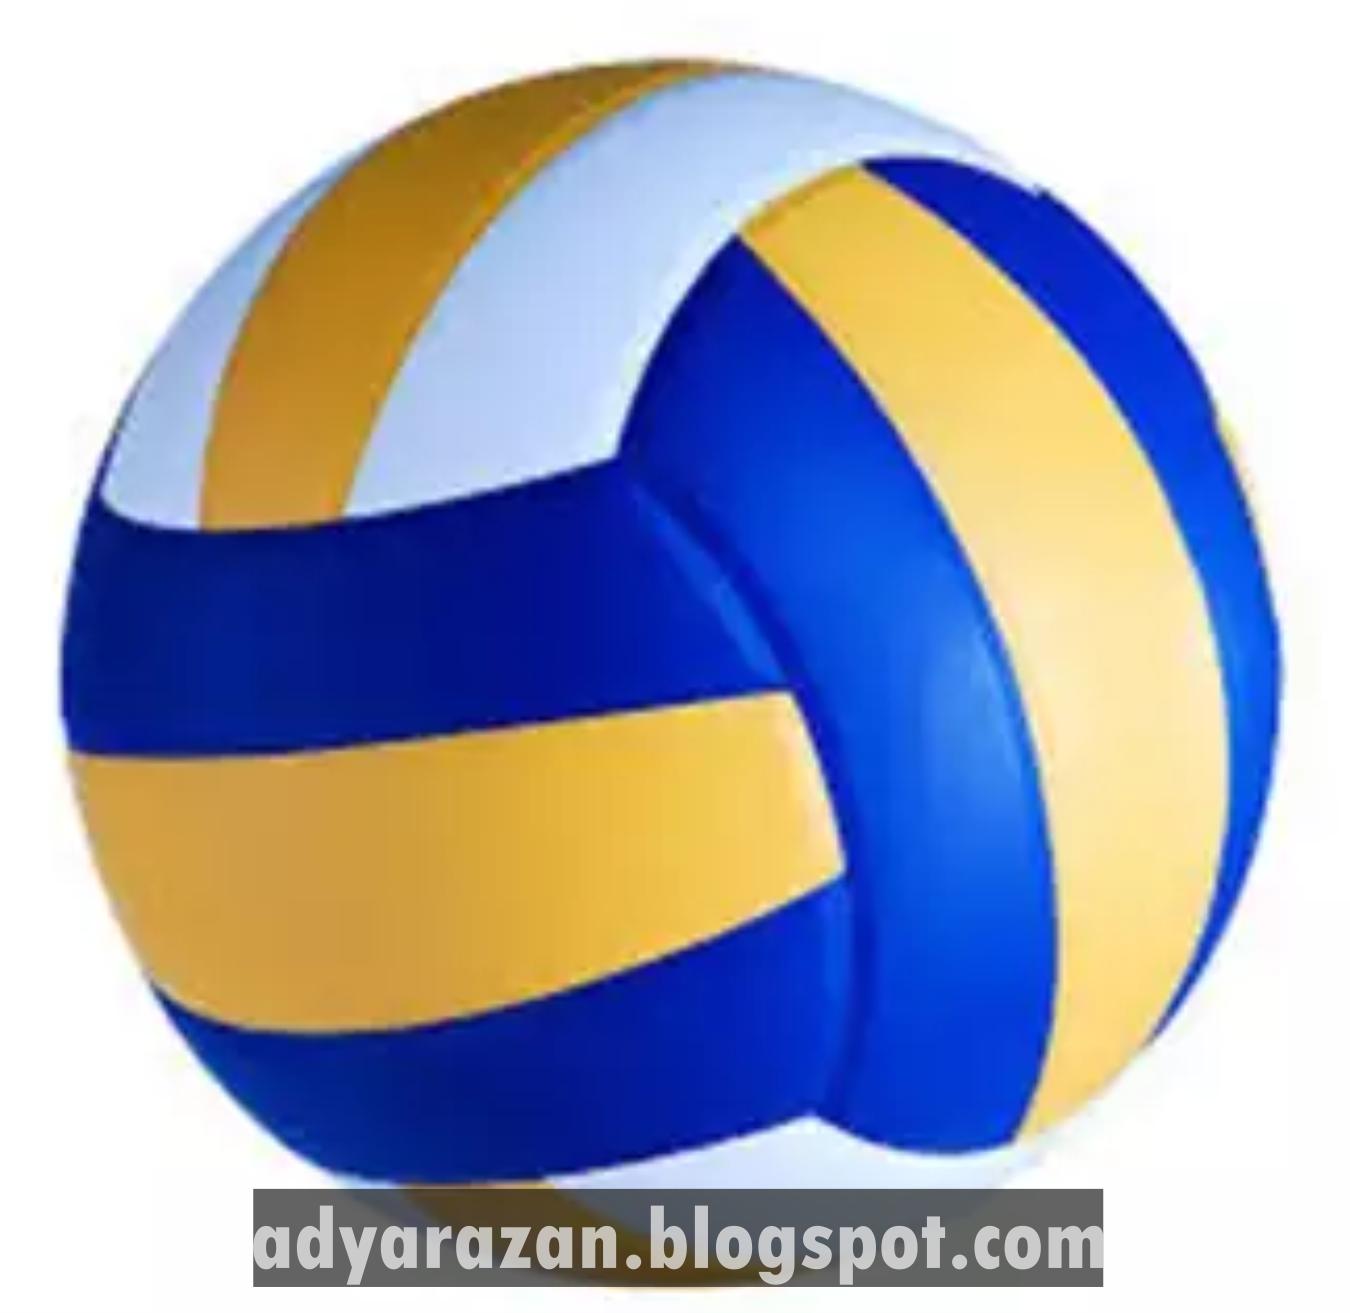 Maka dari itu bola sangat wajib untuk disediakan. Bola voli yang beredar  dipasaran umumnya terbuat dari bahan kulit. Sementara itu mengenai  ukurannya c211cc73e1